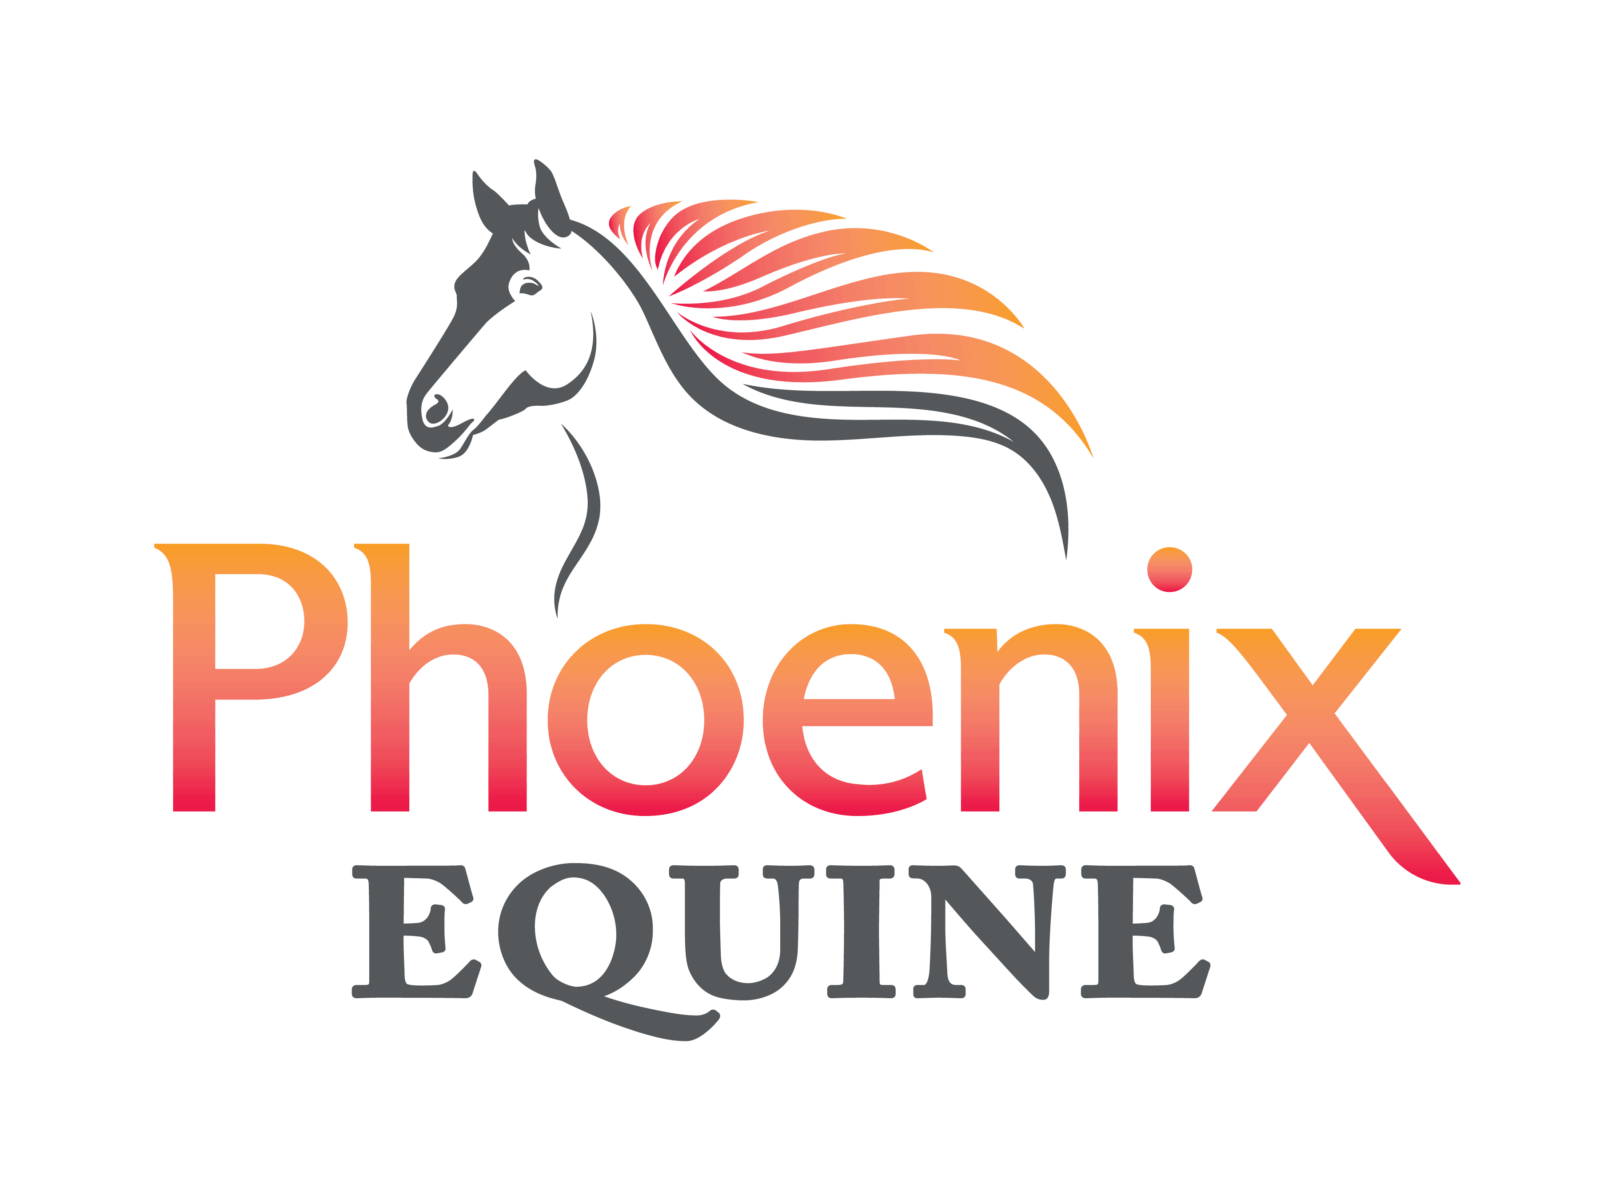 Phoenix Equine